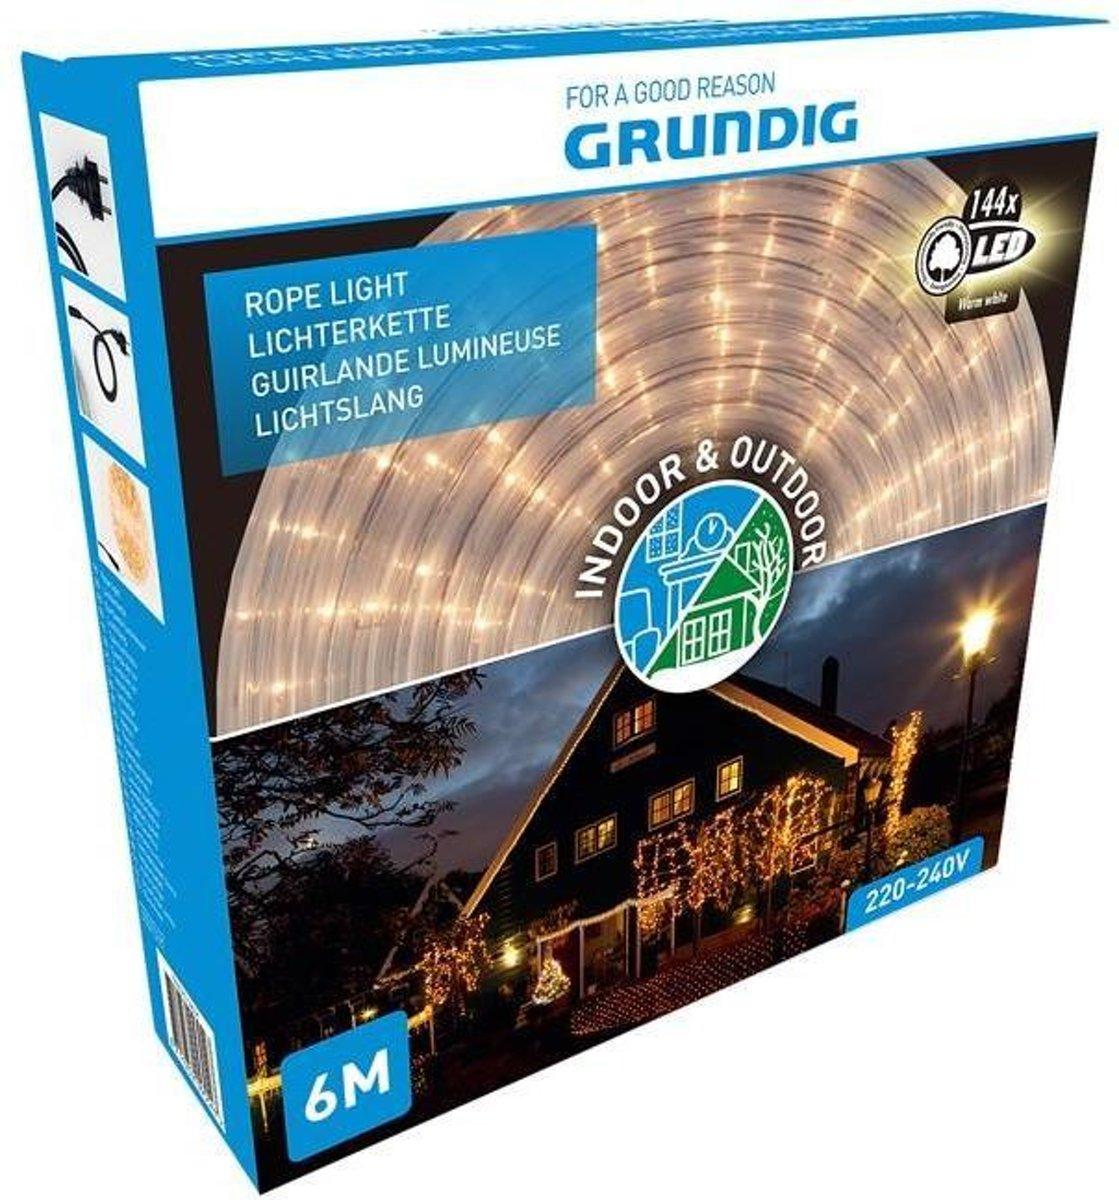 Grundig Lichtslang 6 meter - 144 LED - warm wit kopen